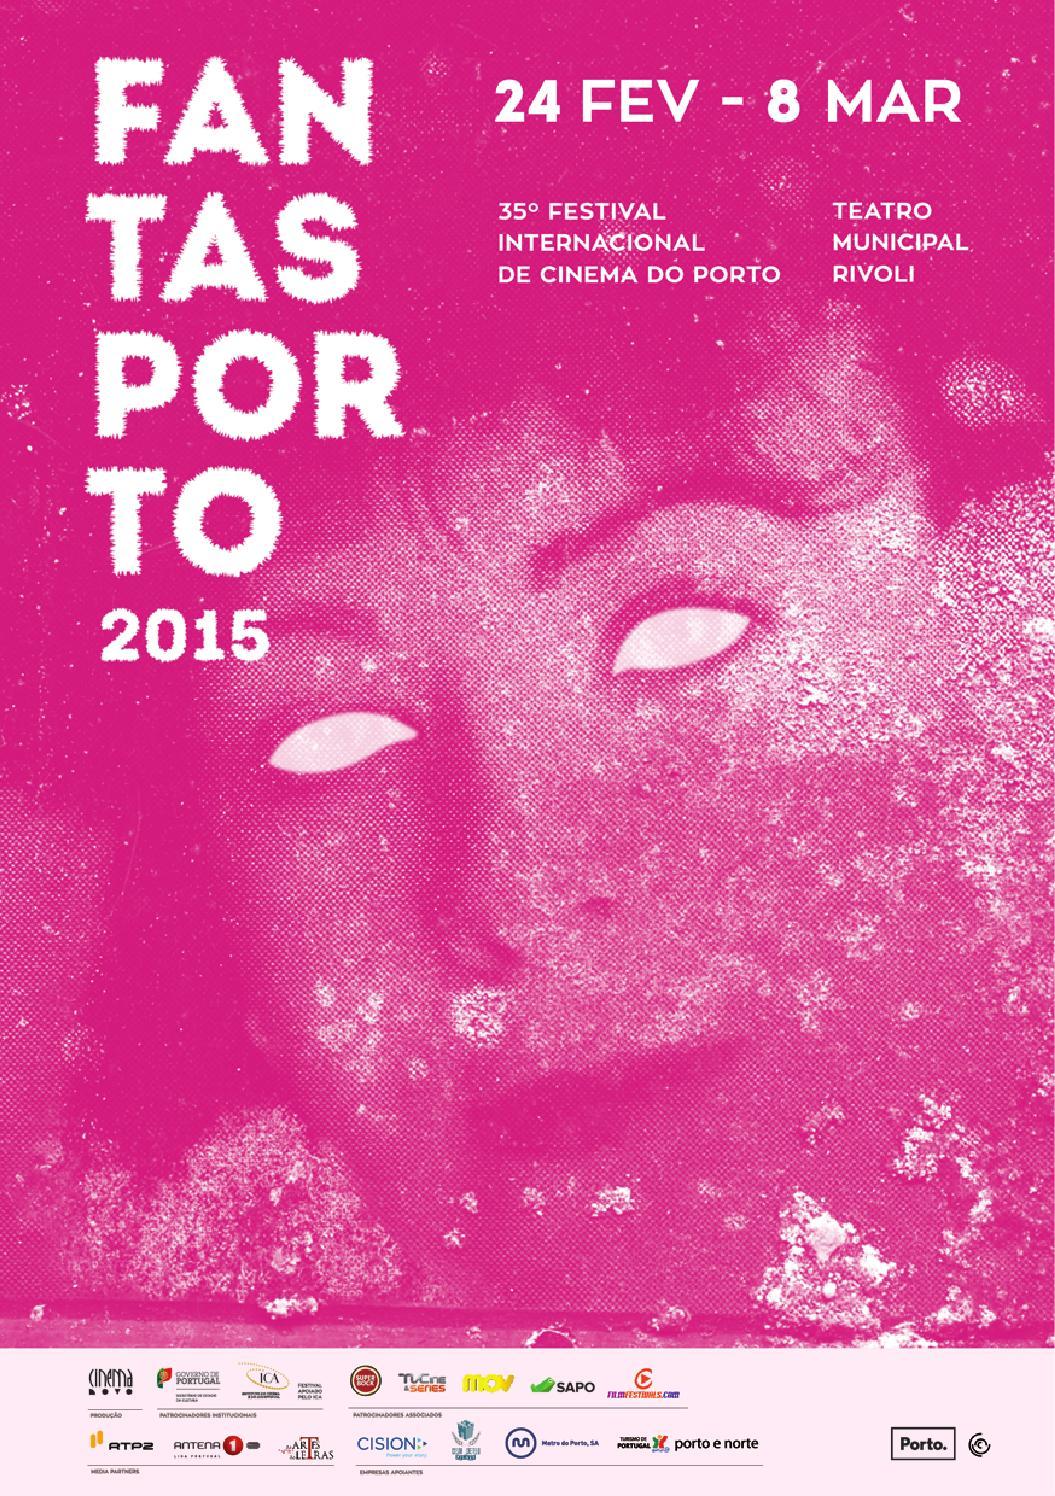 Daily Program Fantasporto Film Festival 2015 24th Feb Till